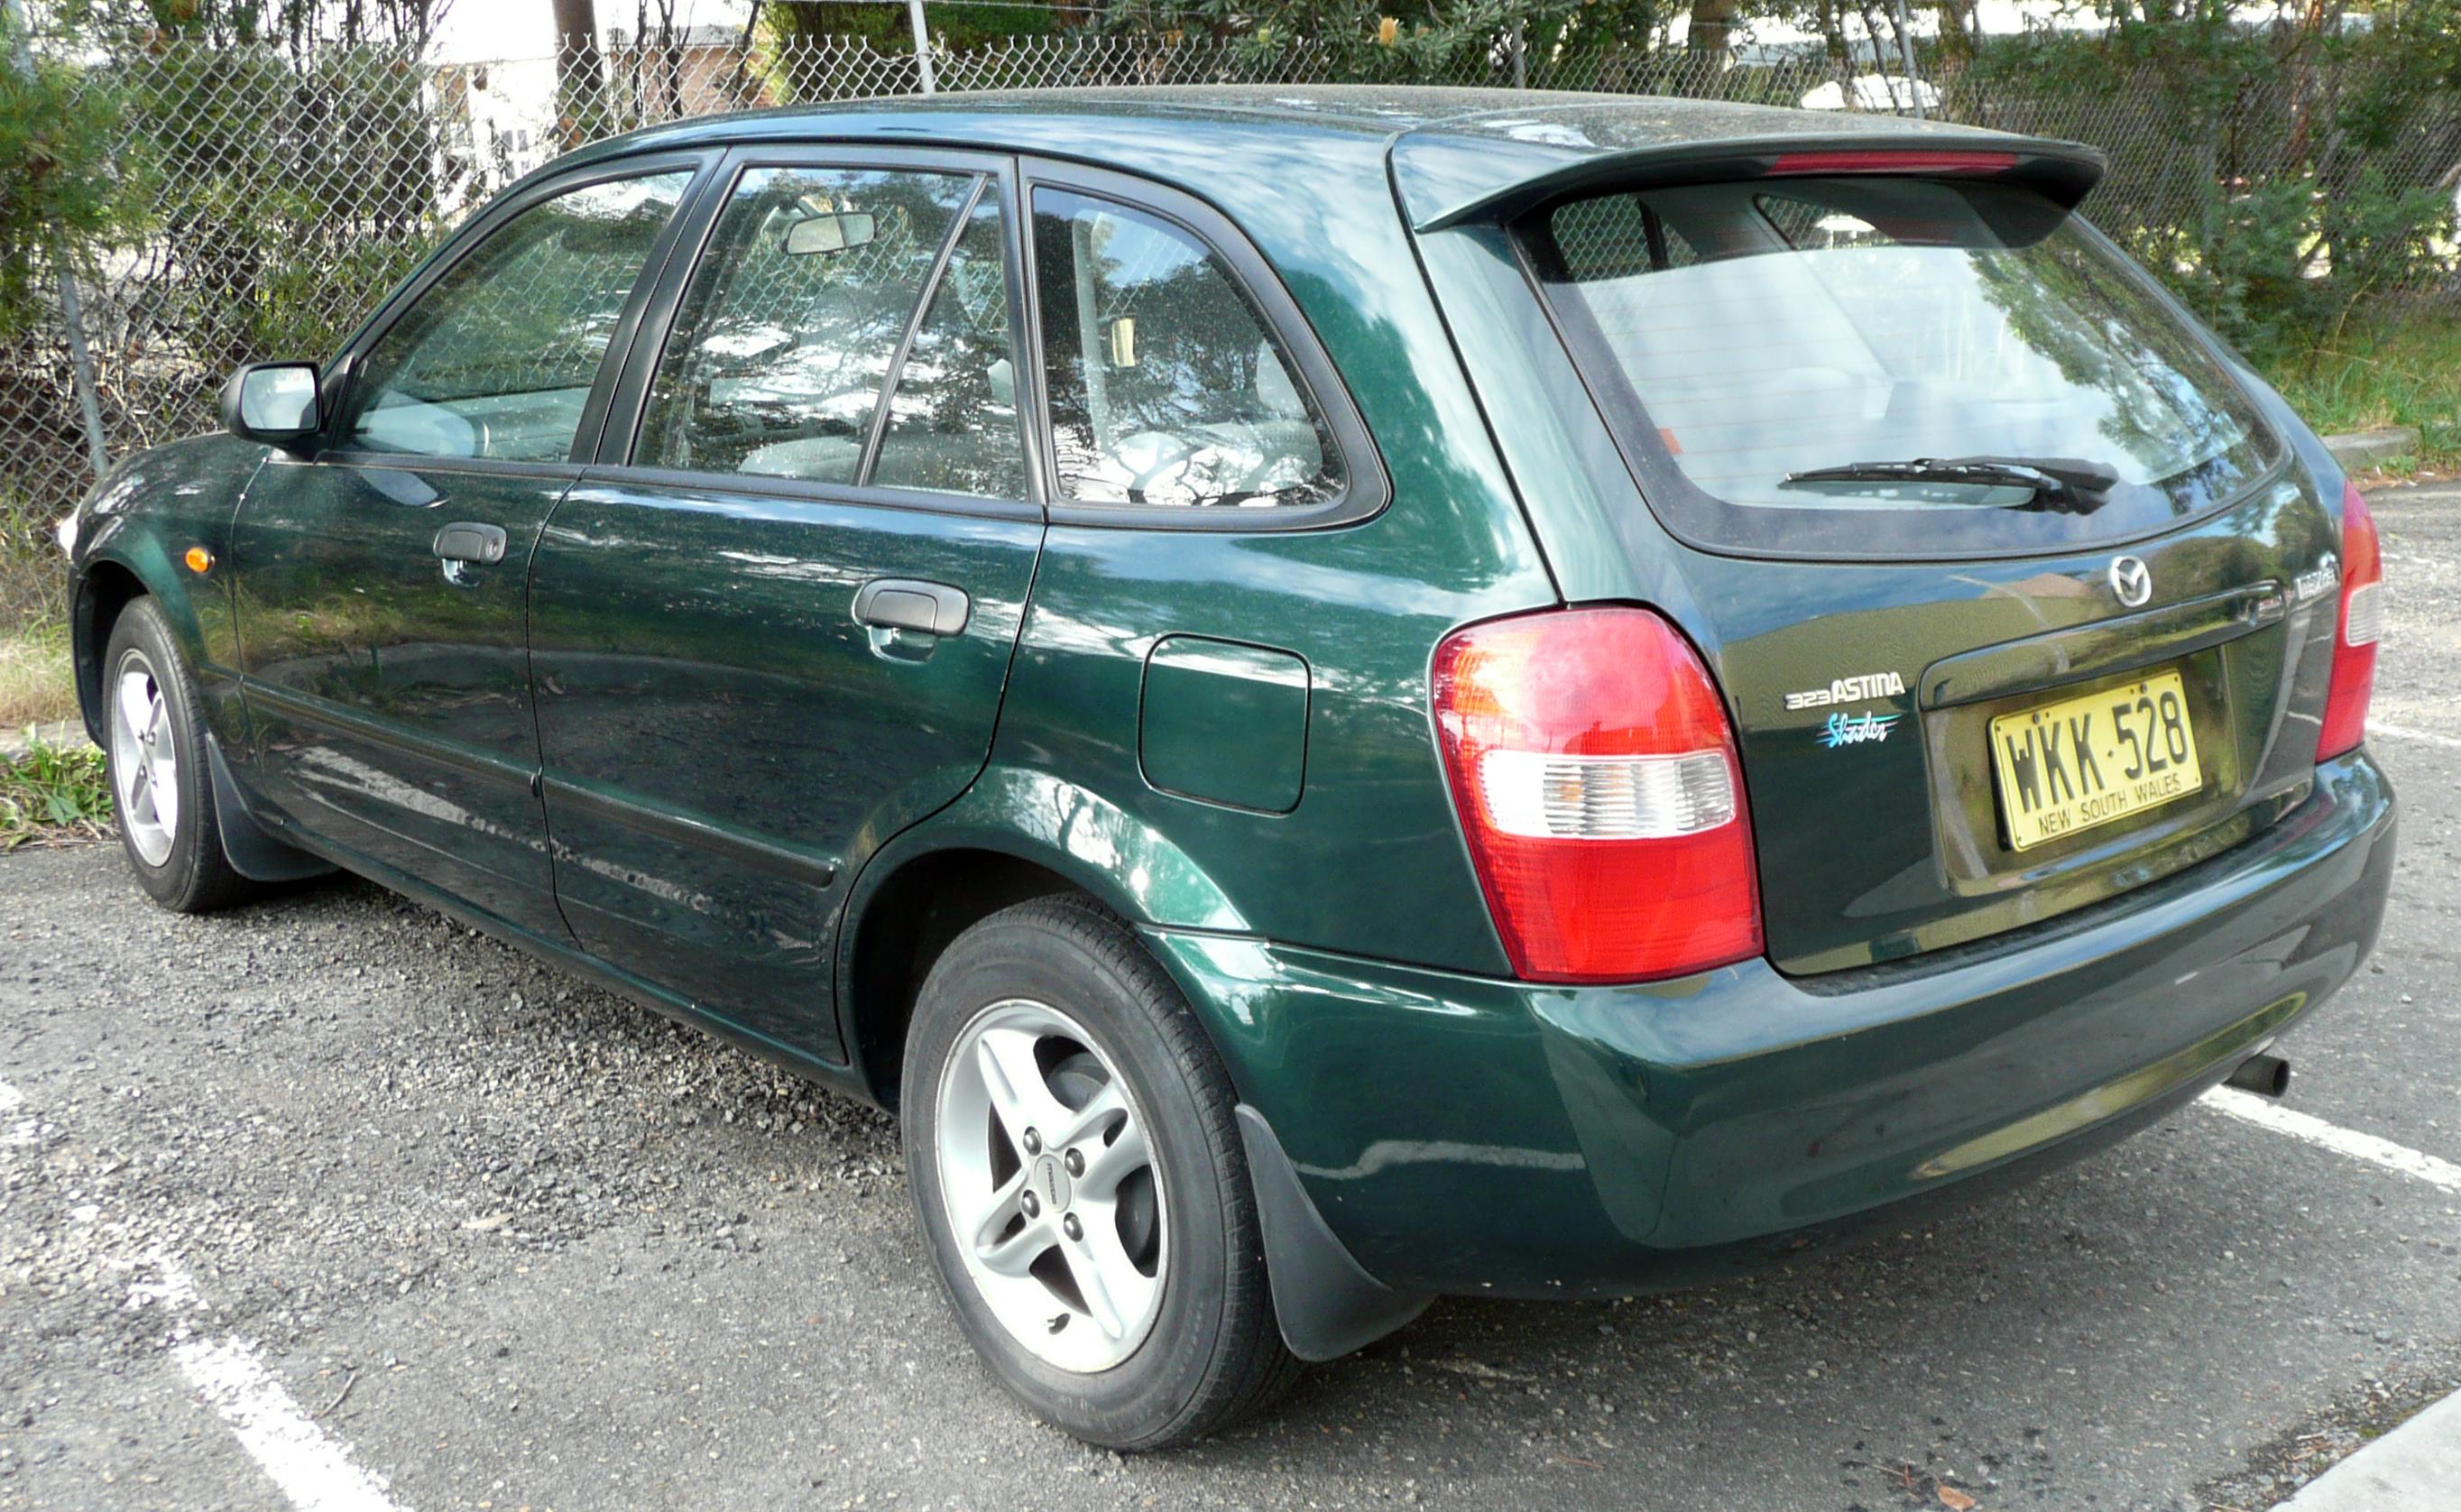 Mazda 3 5door >> File:1999-2000 Mazda 323 (BJ) Shades Astina 5-door hatchback 03.jpg - Wikimedia Commons